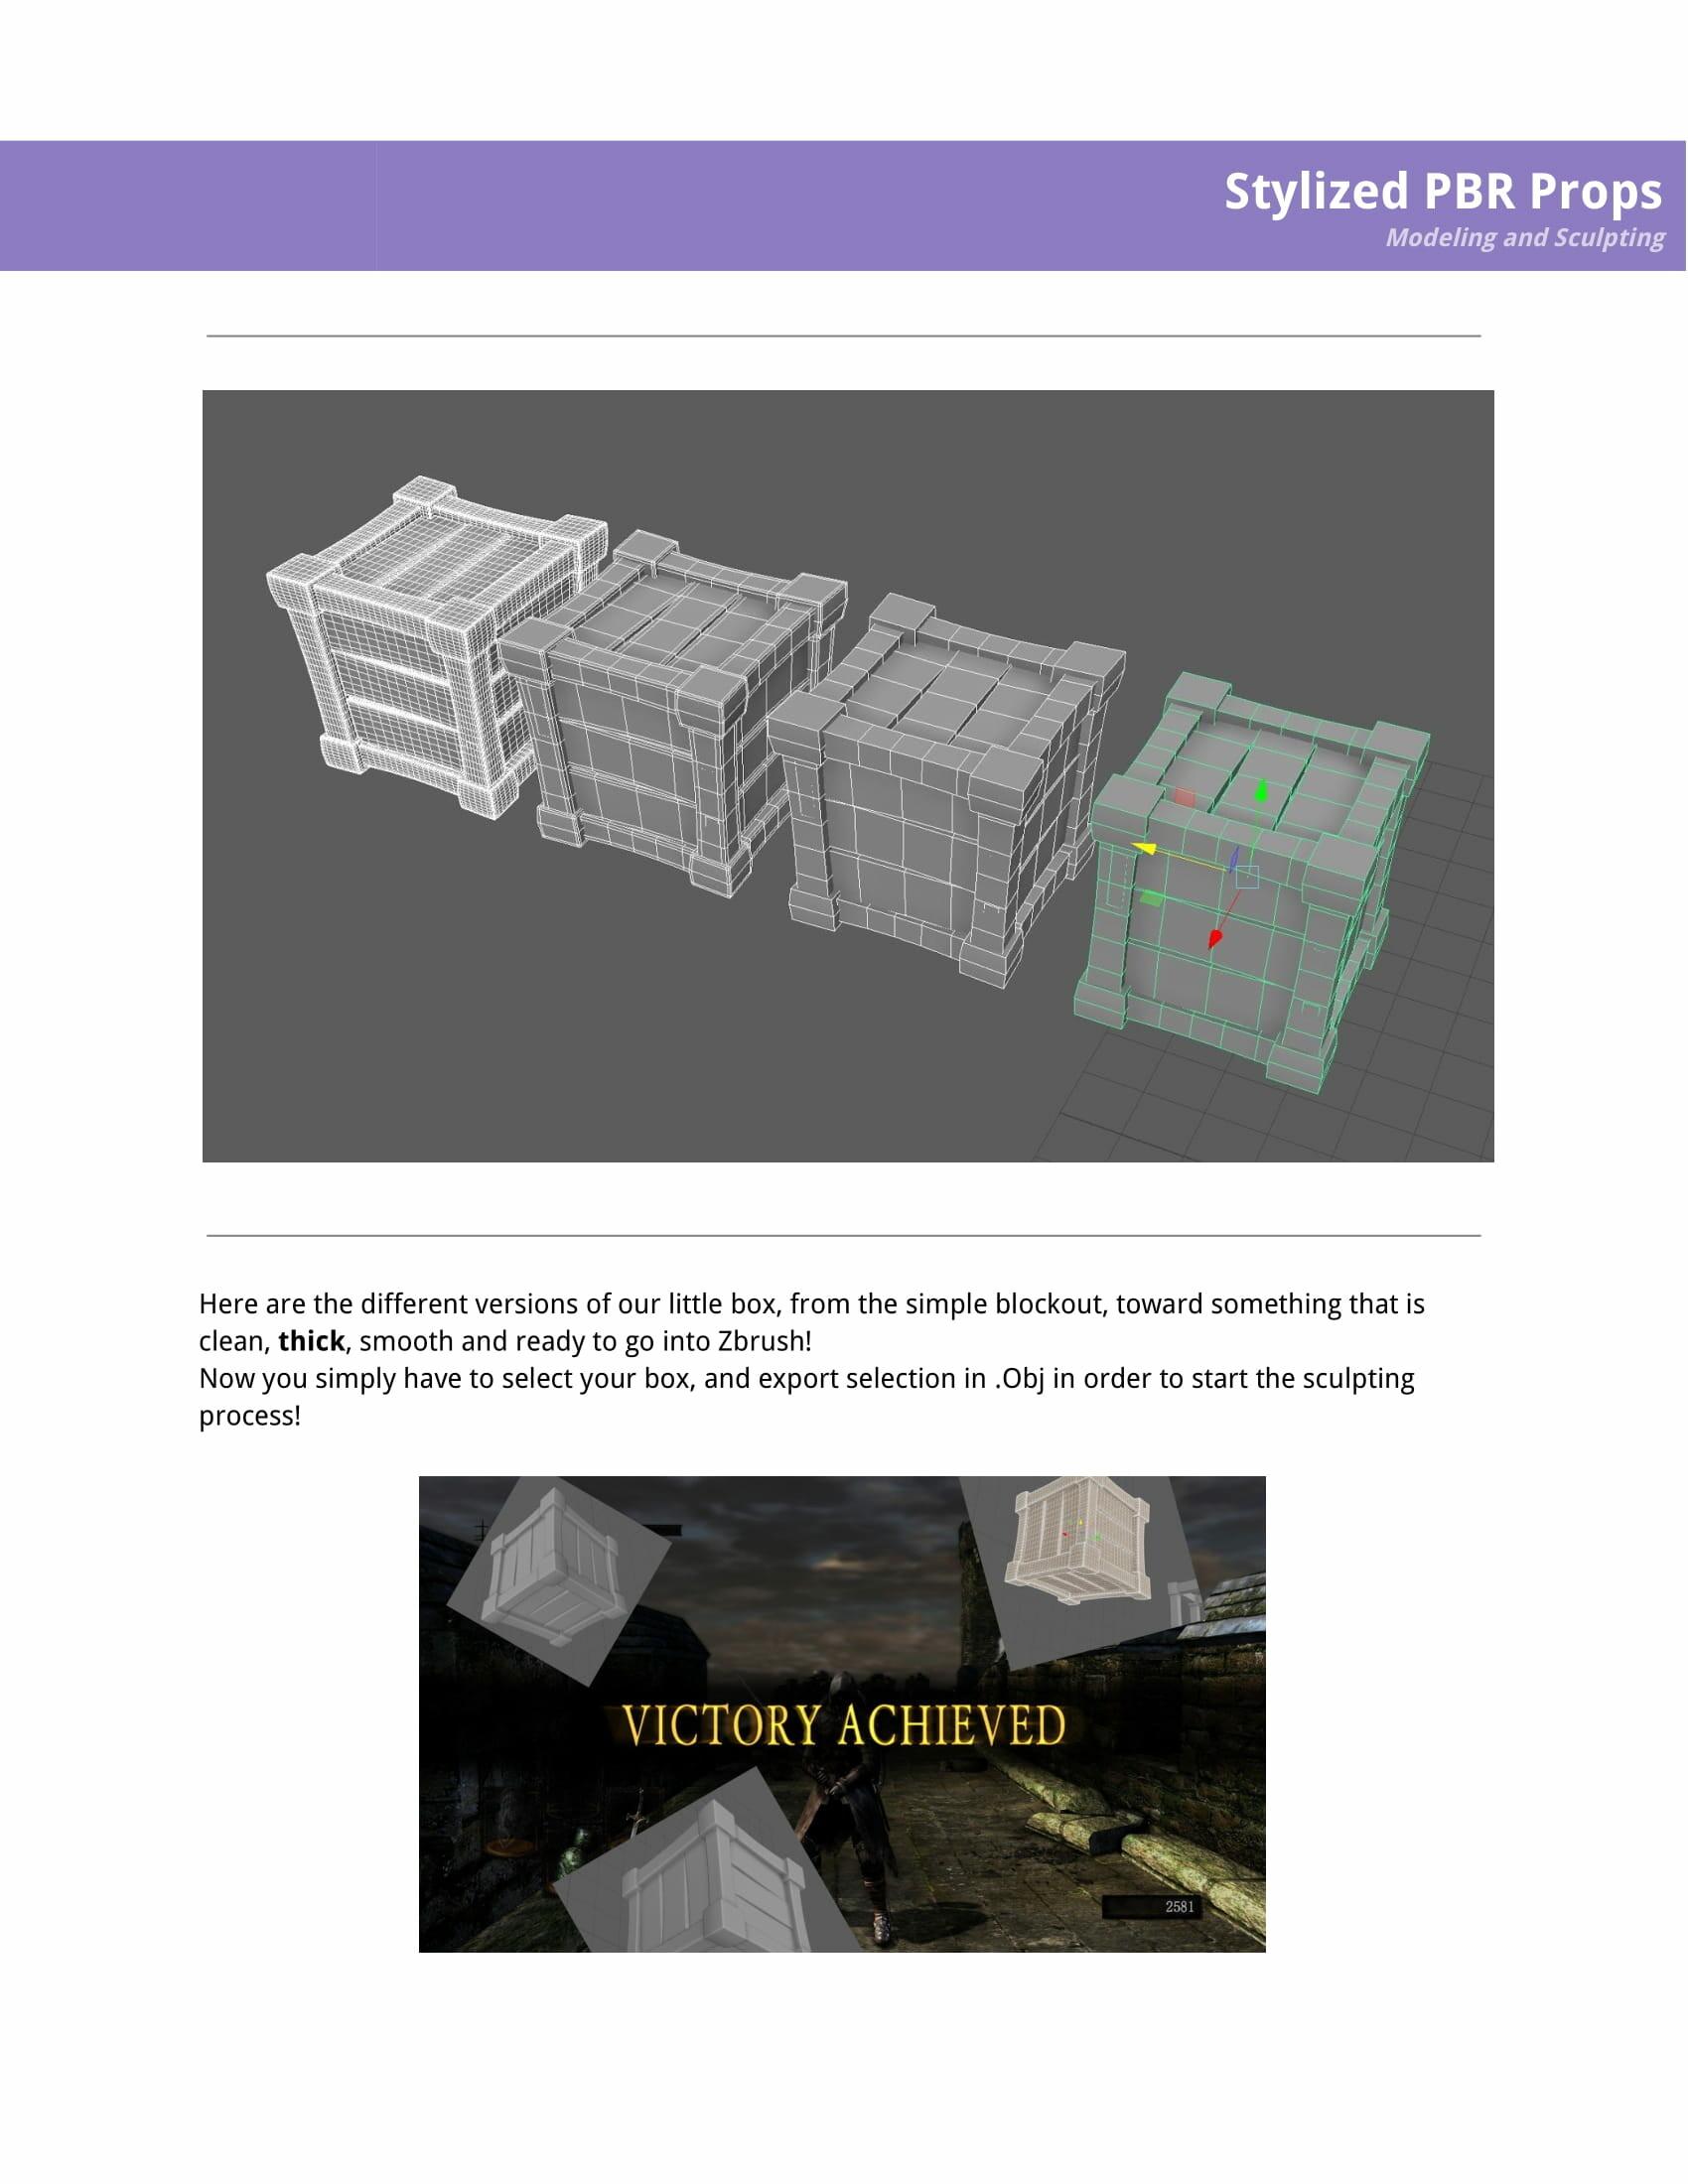 Romain durand 3d stylizedprops part 1 romaindurand 14